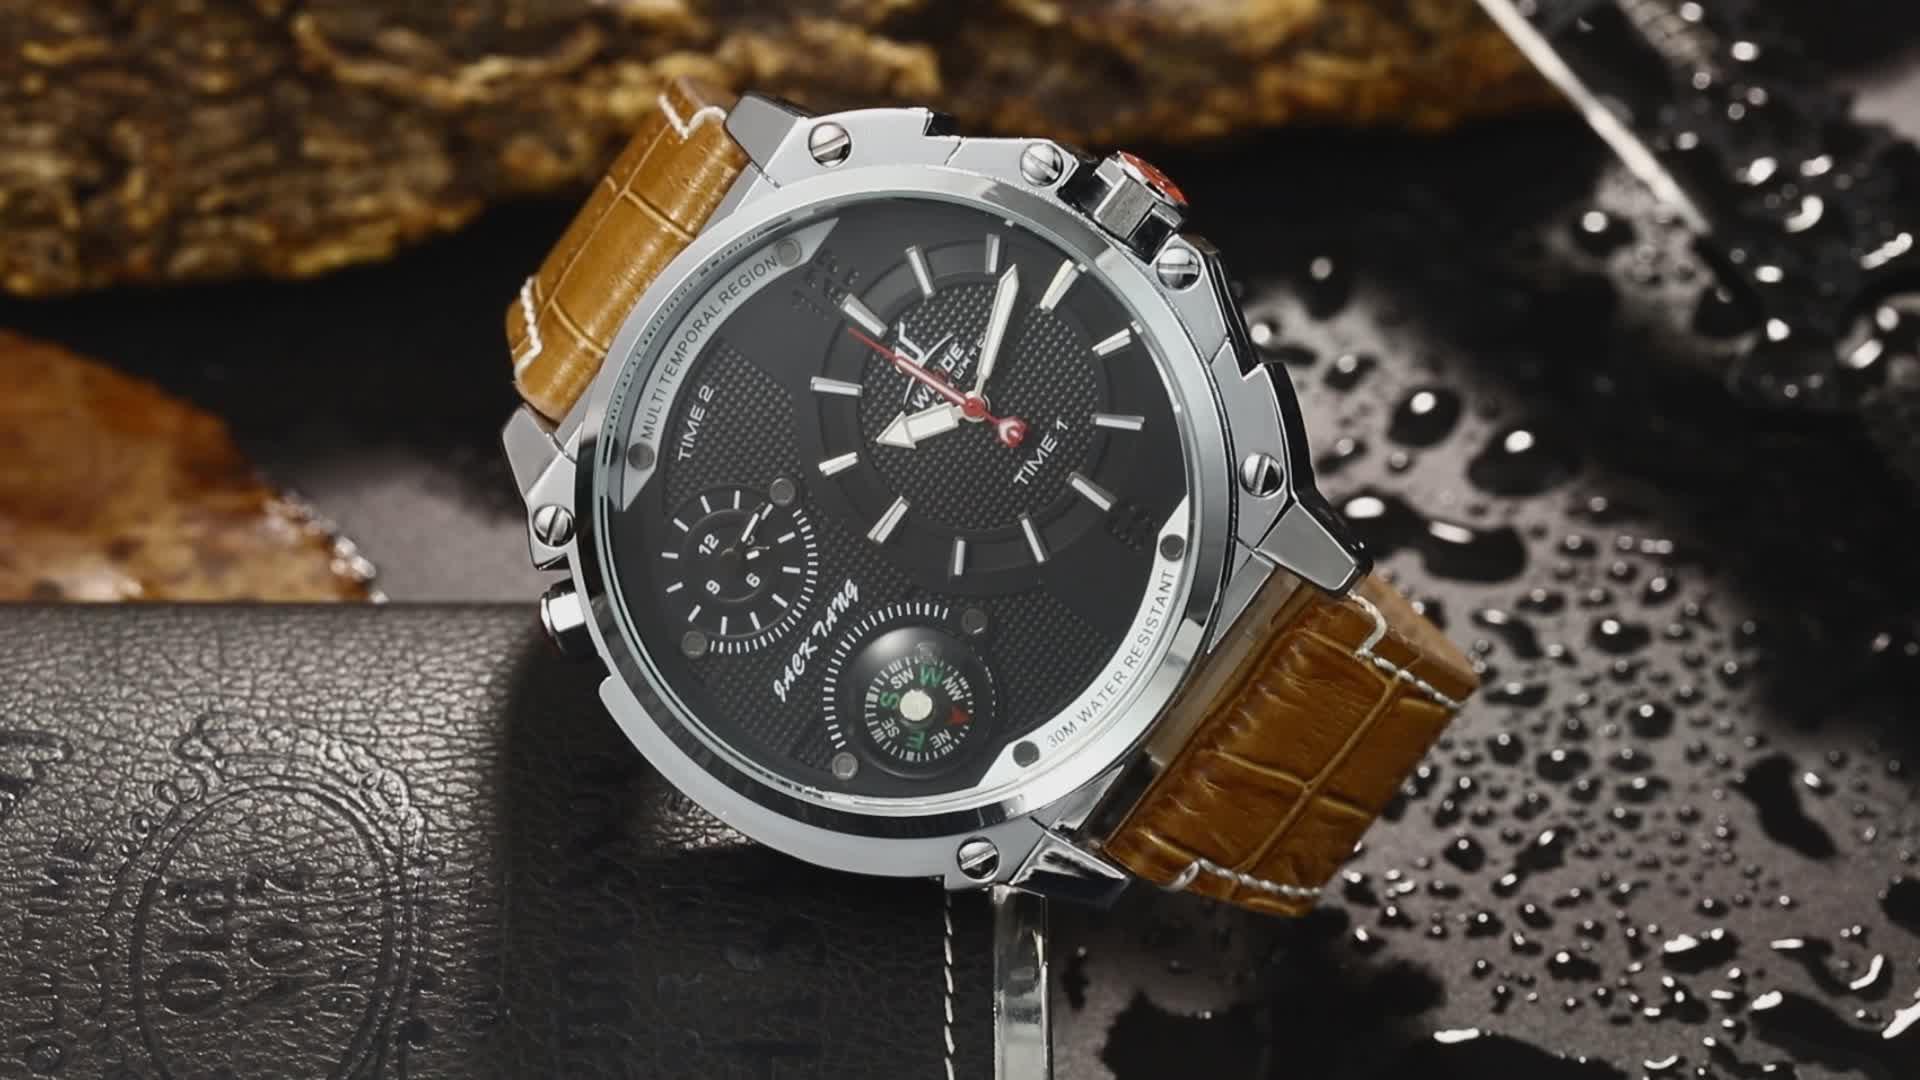 ووتش المصنعين قوانغتشو متعددة المنطقة الزمنية الطلب الكبير الرجال جلد طبيعي حزام الفاخرة ساعة كوارتز